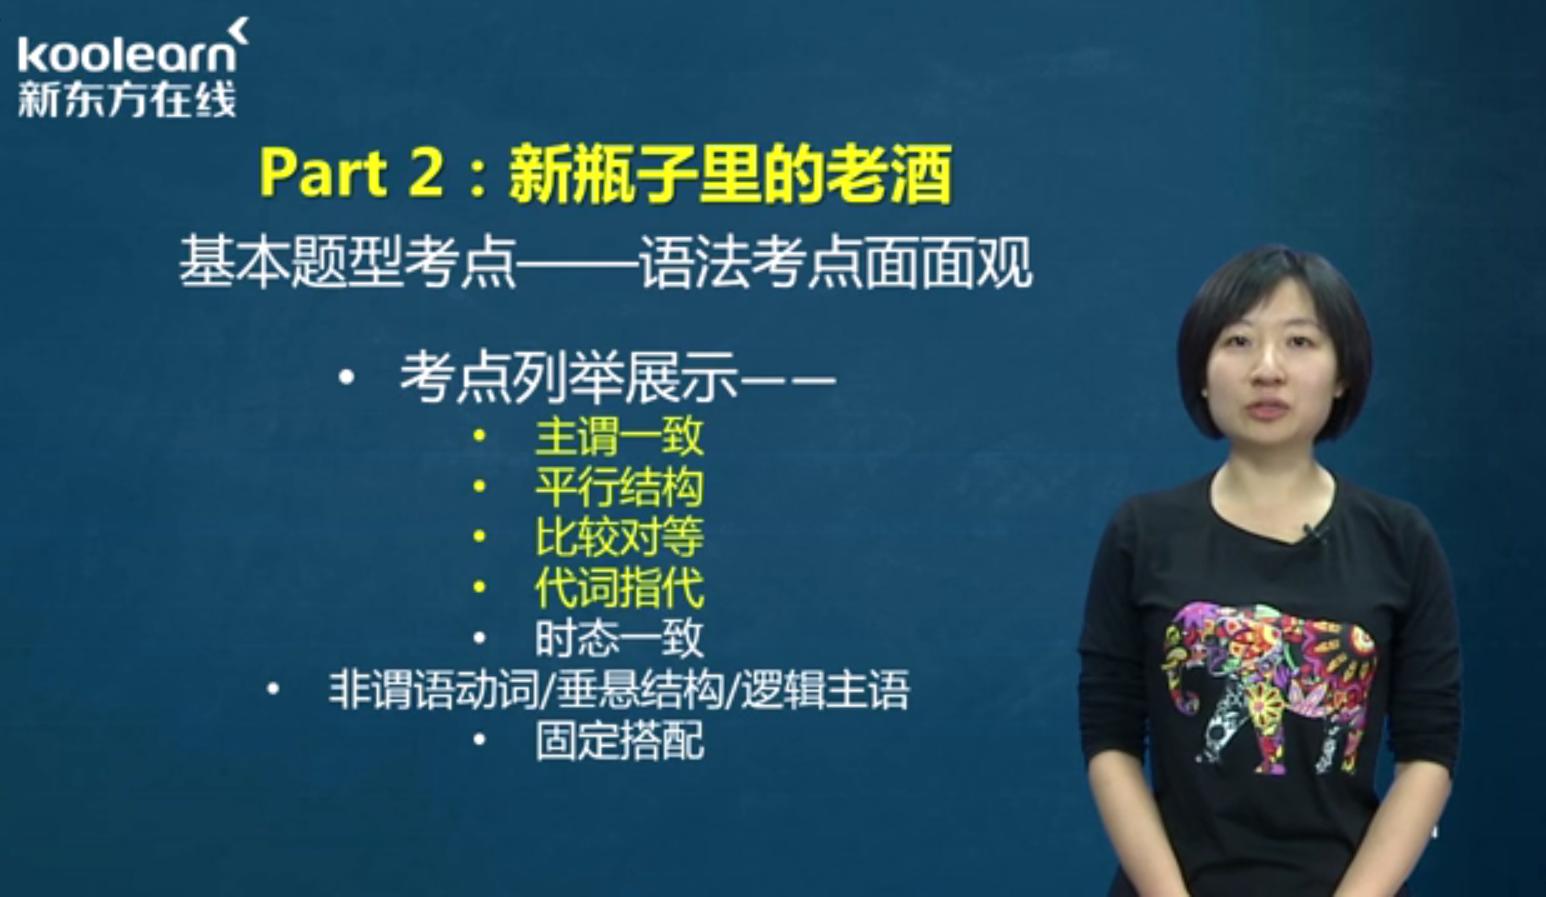 新东方在线名师张霄:新SAT考试文法考点汇总